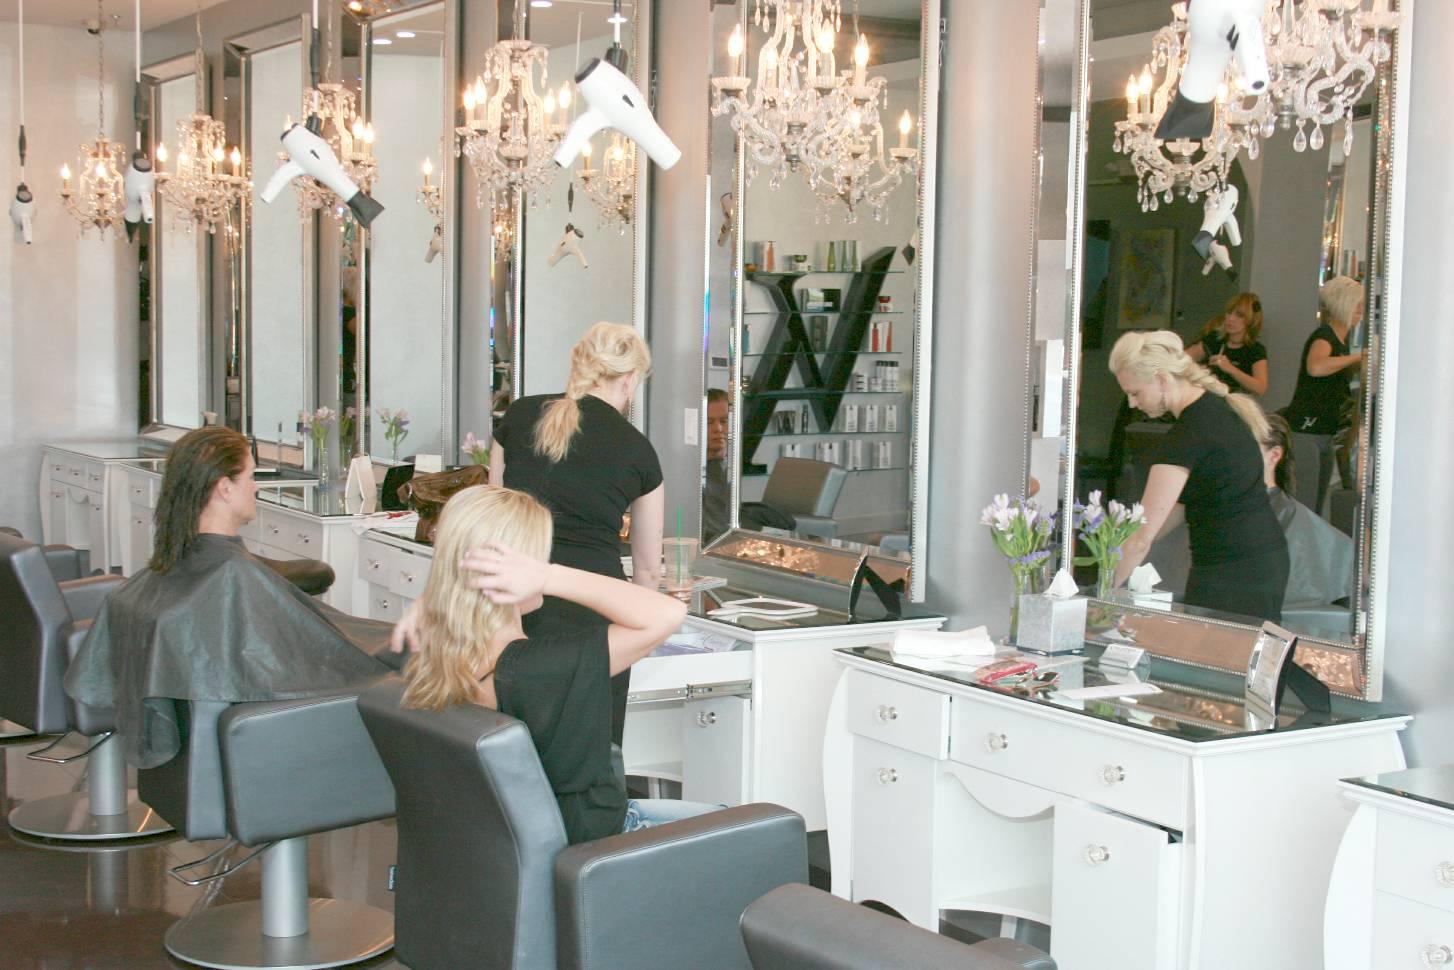 Von anthony salon june 2010 for Salon kerastase